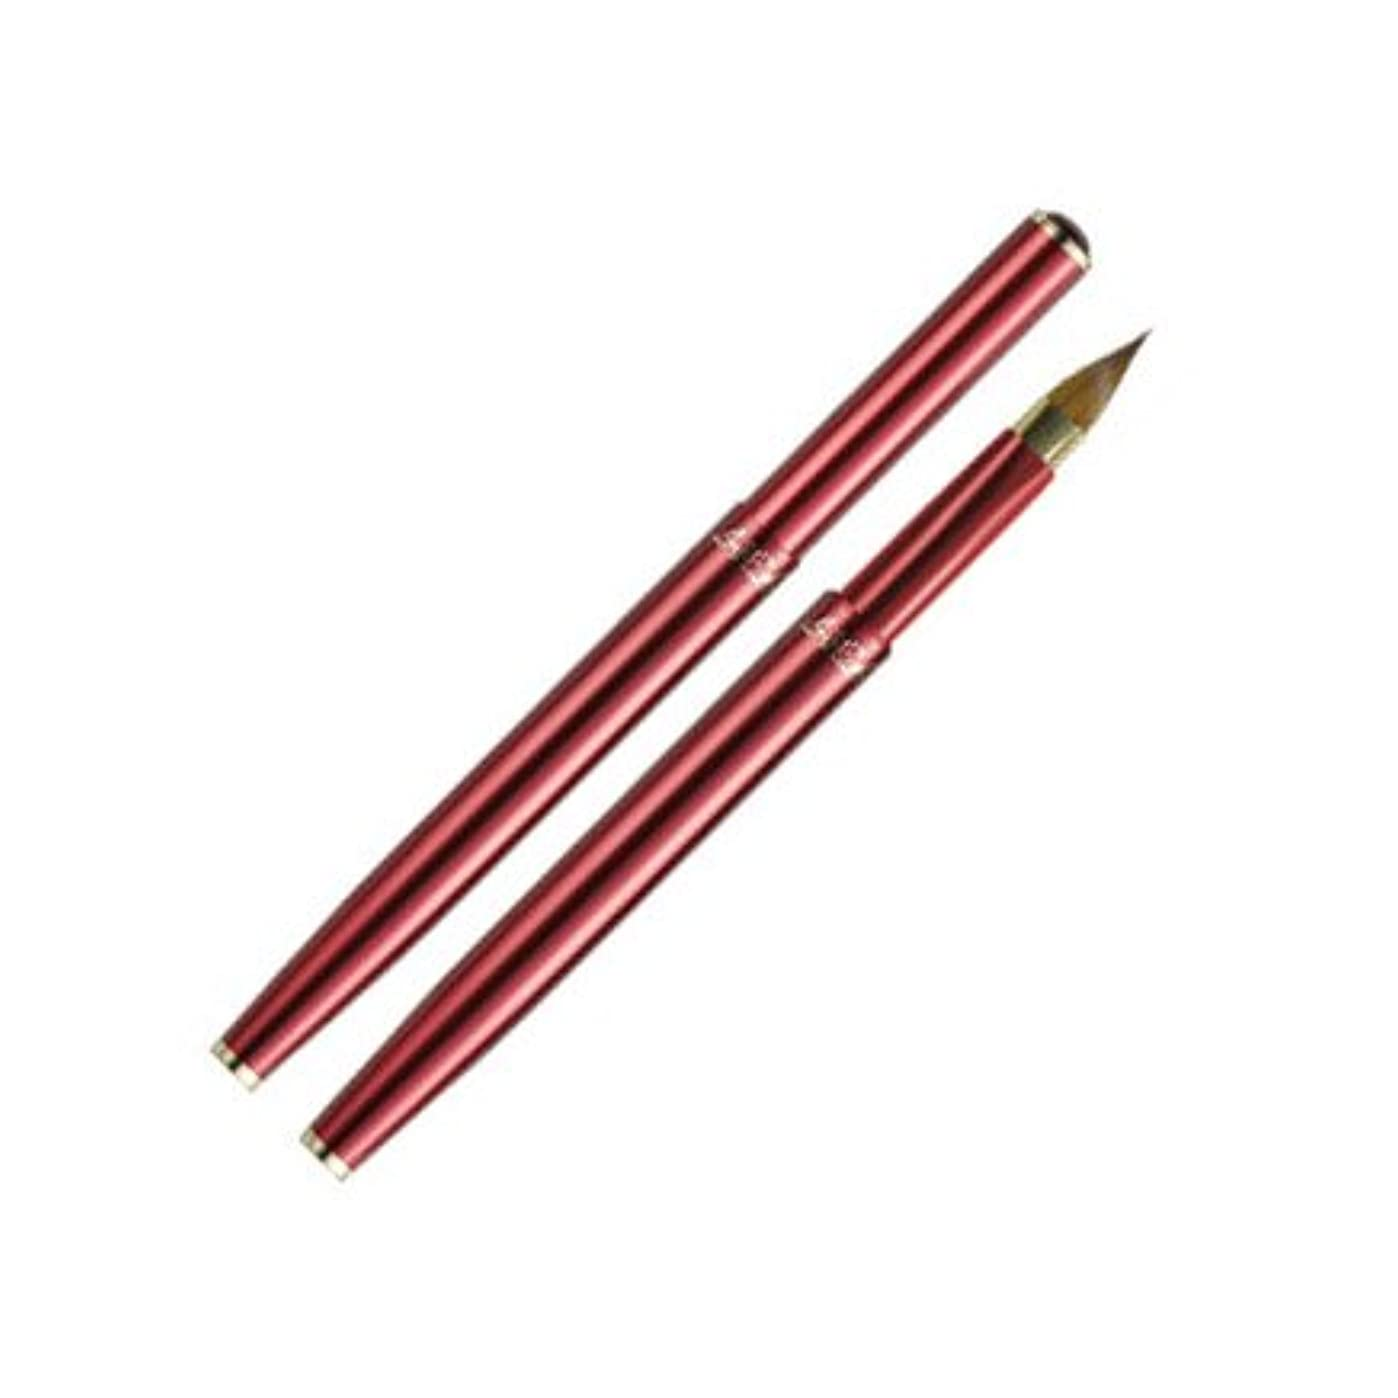 ソーダ水扱いやすいワイン熊野化粧筆/竹田ブラシ/携帯用リップブラシ58C-WR